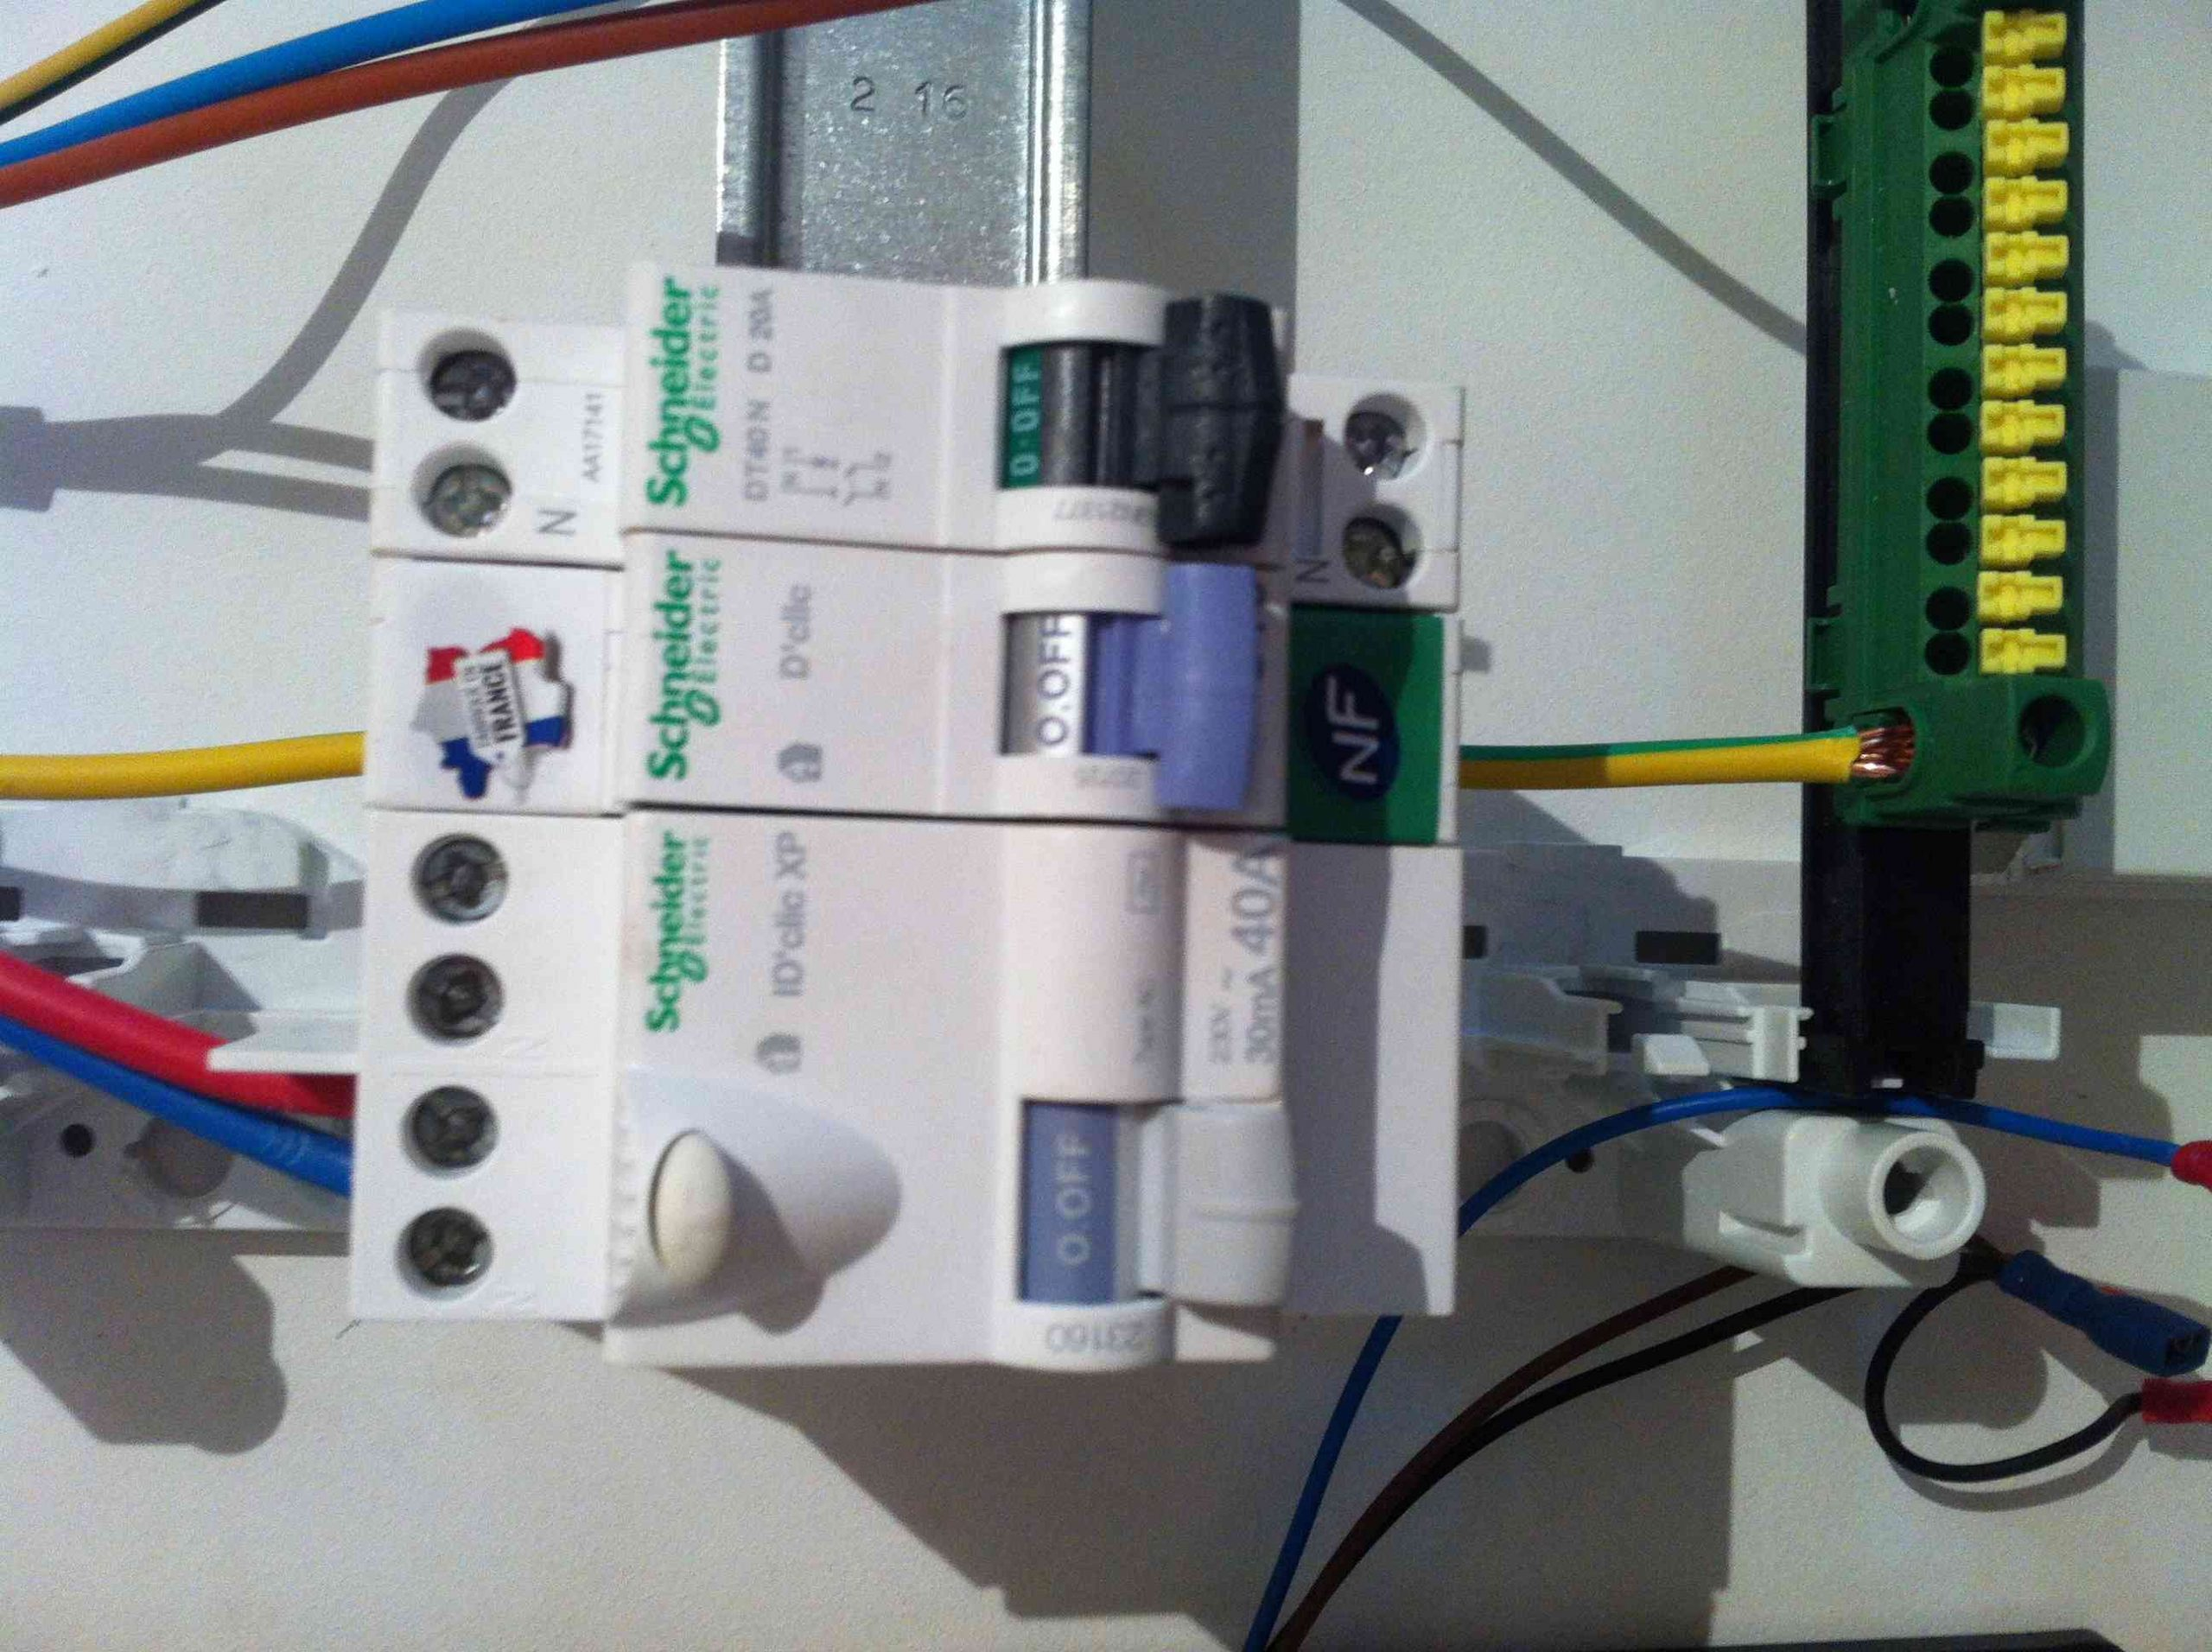 Cablage Électrique Coffret Piscine | Piscines Filtration avec Coffret Electrique Piscine